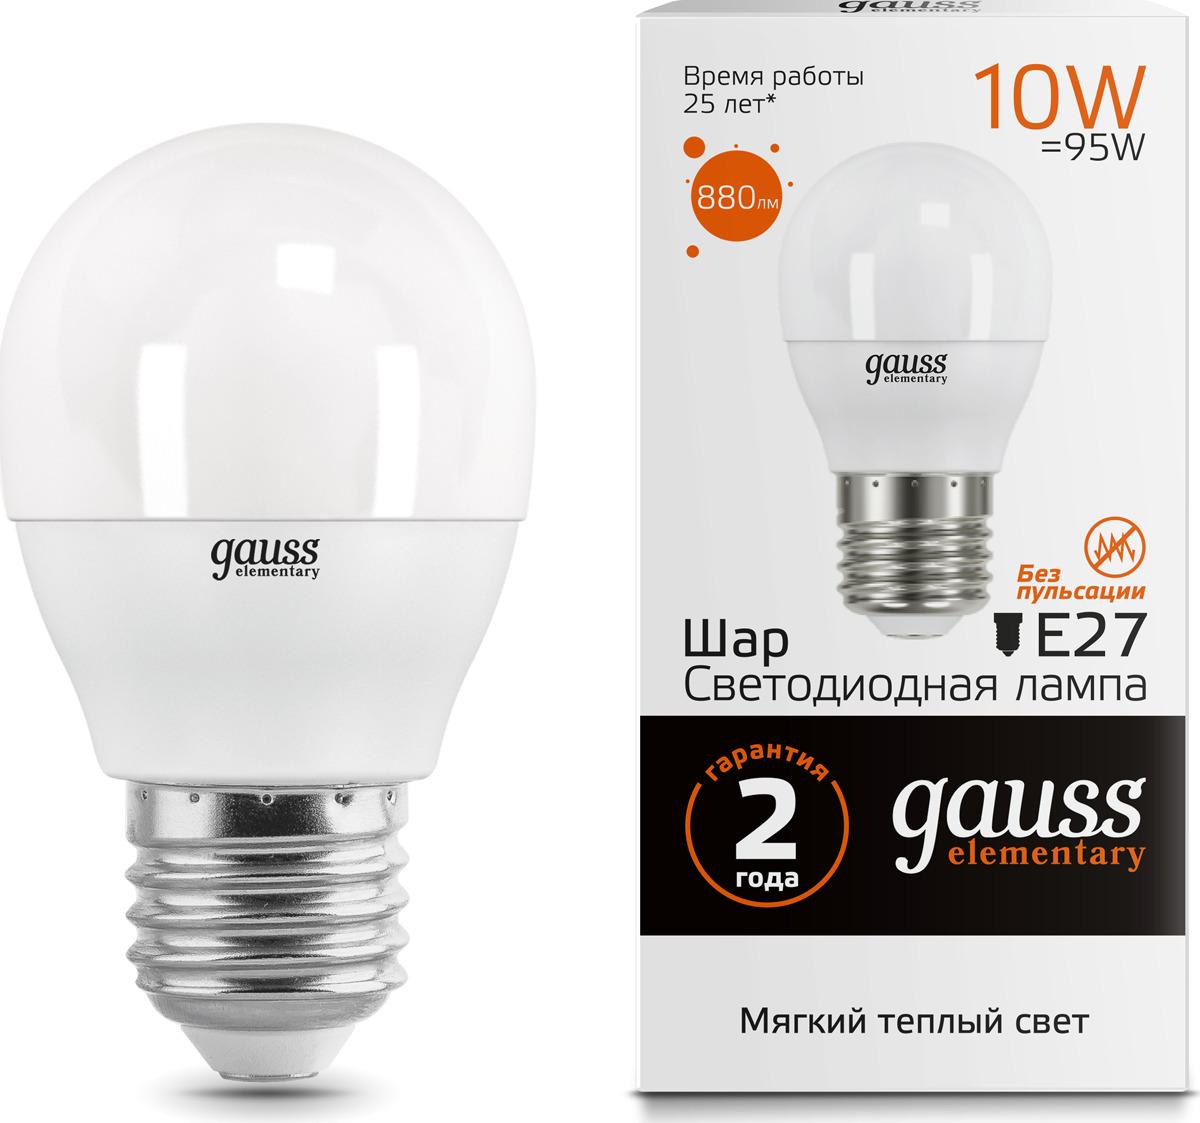 Лампочка Gauss Elementary LED, шар, E27, 10W. 53210